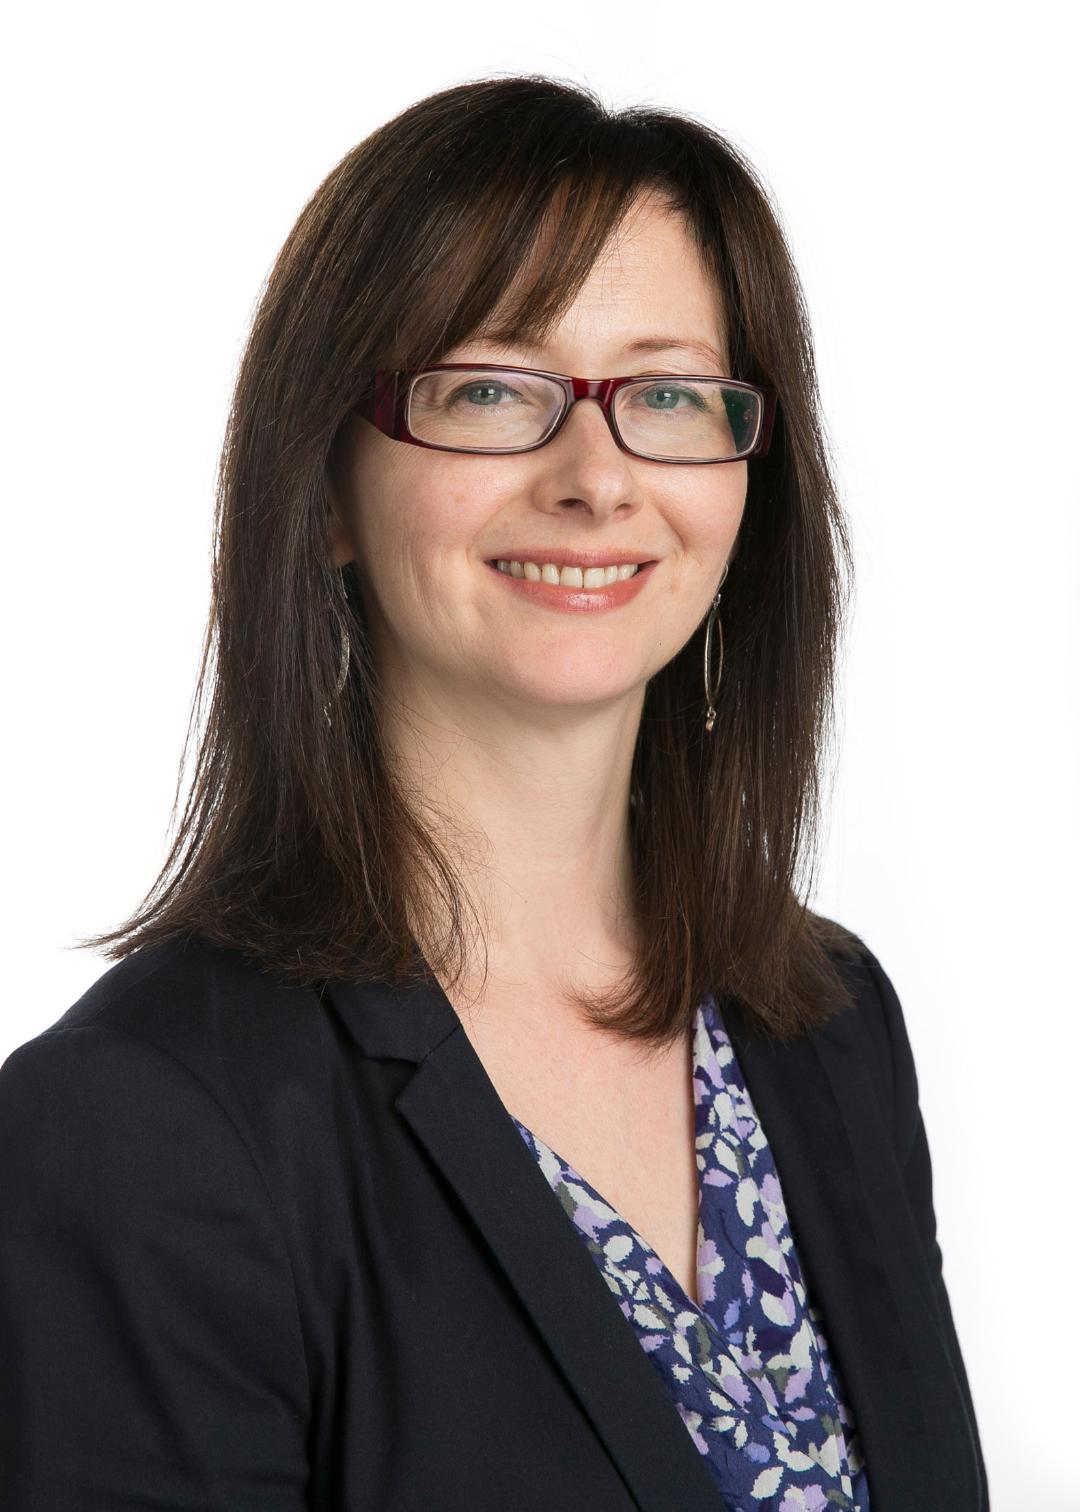 Catherine O'Sullivan